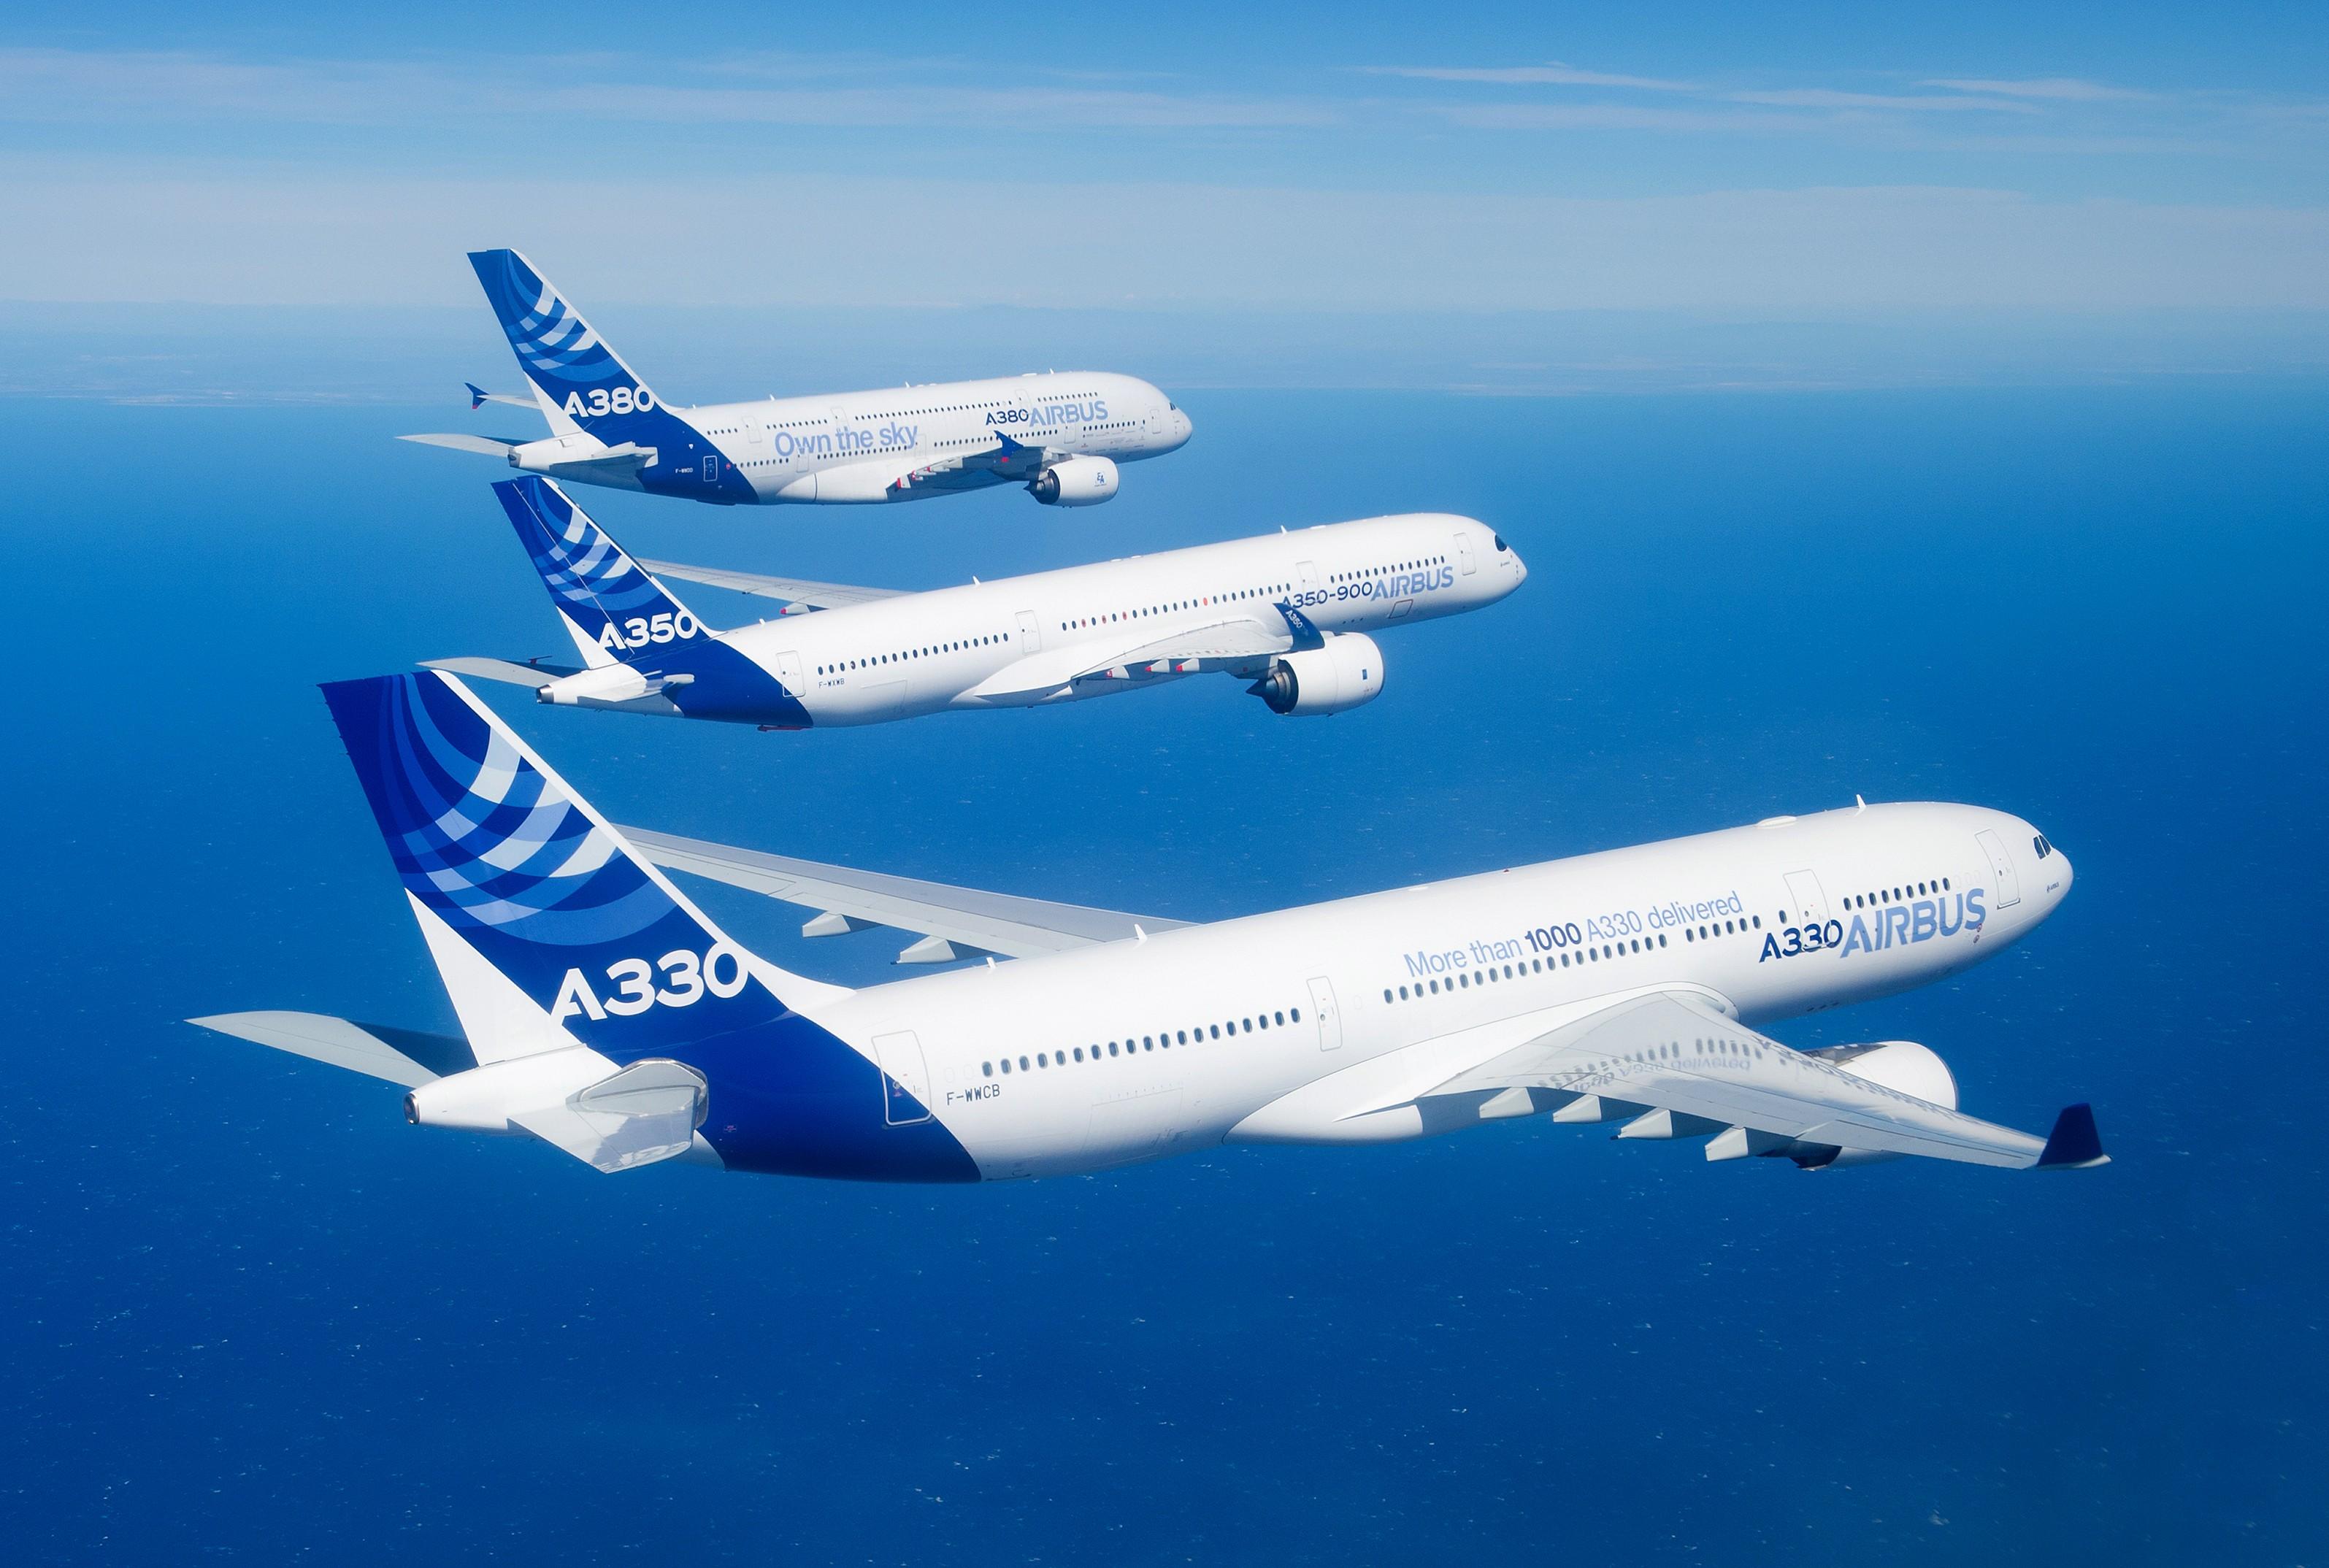 Airbus prevê que viagens aéreas irão dobrar nos próximo 20 anos